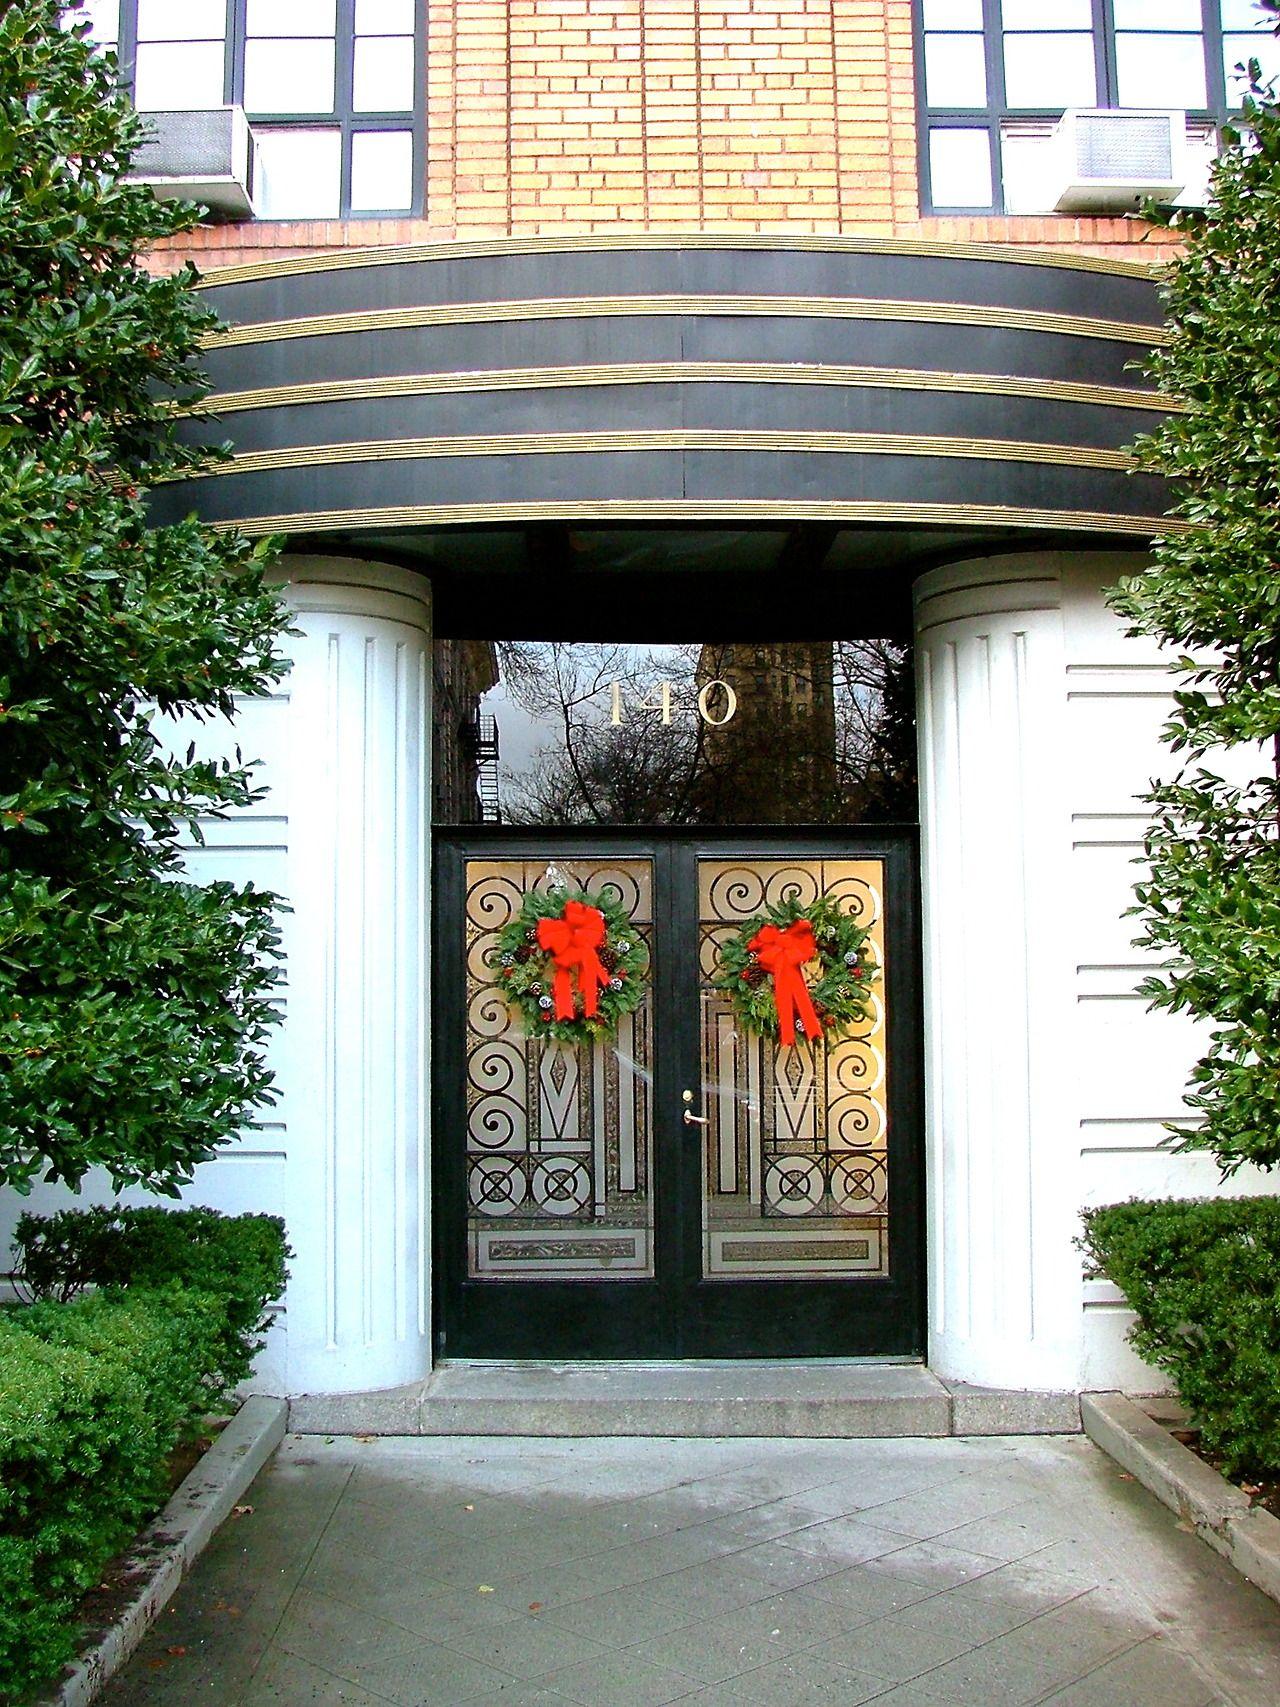 Brooklyn Door. Http://purpledoorblog.tumblr.com/